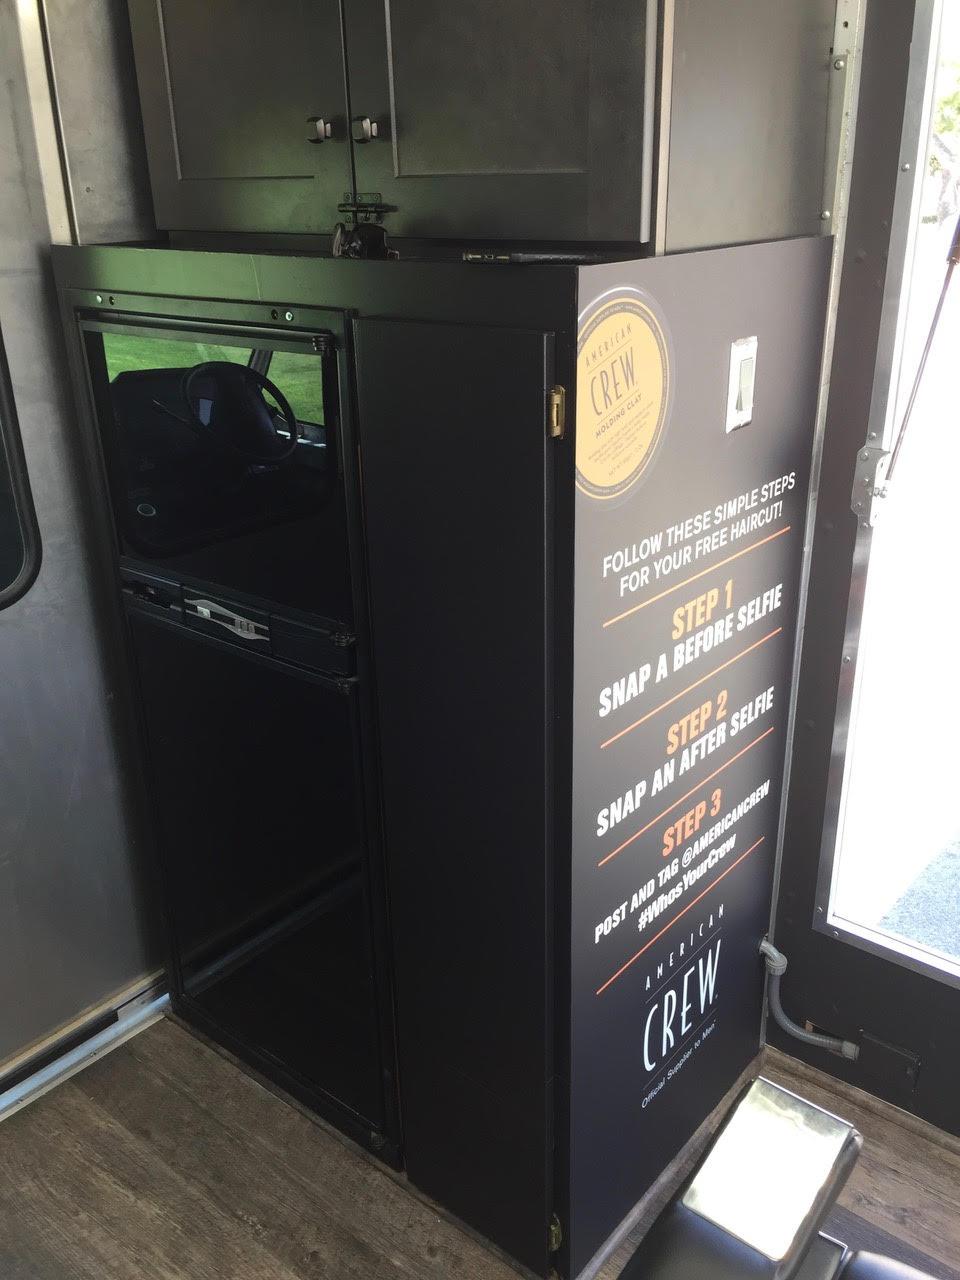 Mobile Barber Shop Truck refrigerator